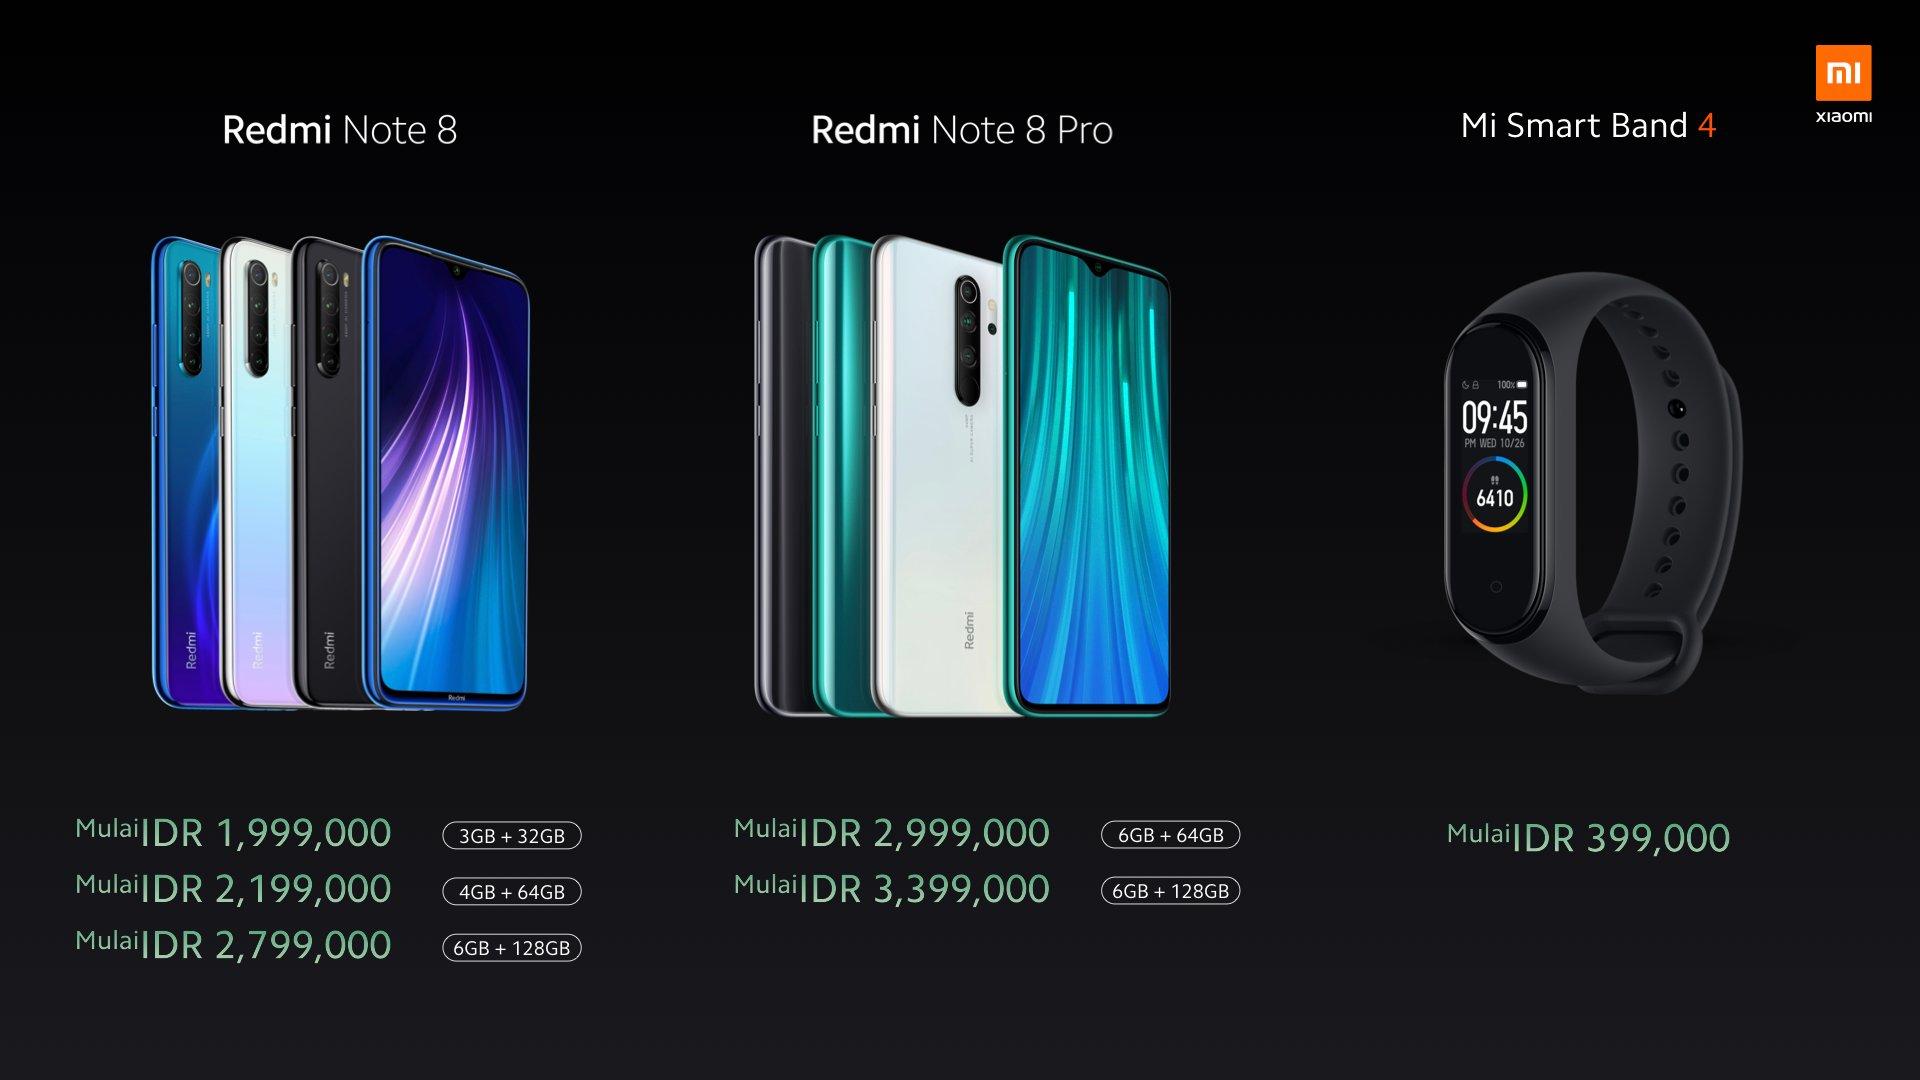 Redmi Note 8 & Note 8 Pro Resmi Rilis di Indonesia Dengan Harga Terjangkau